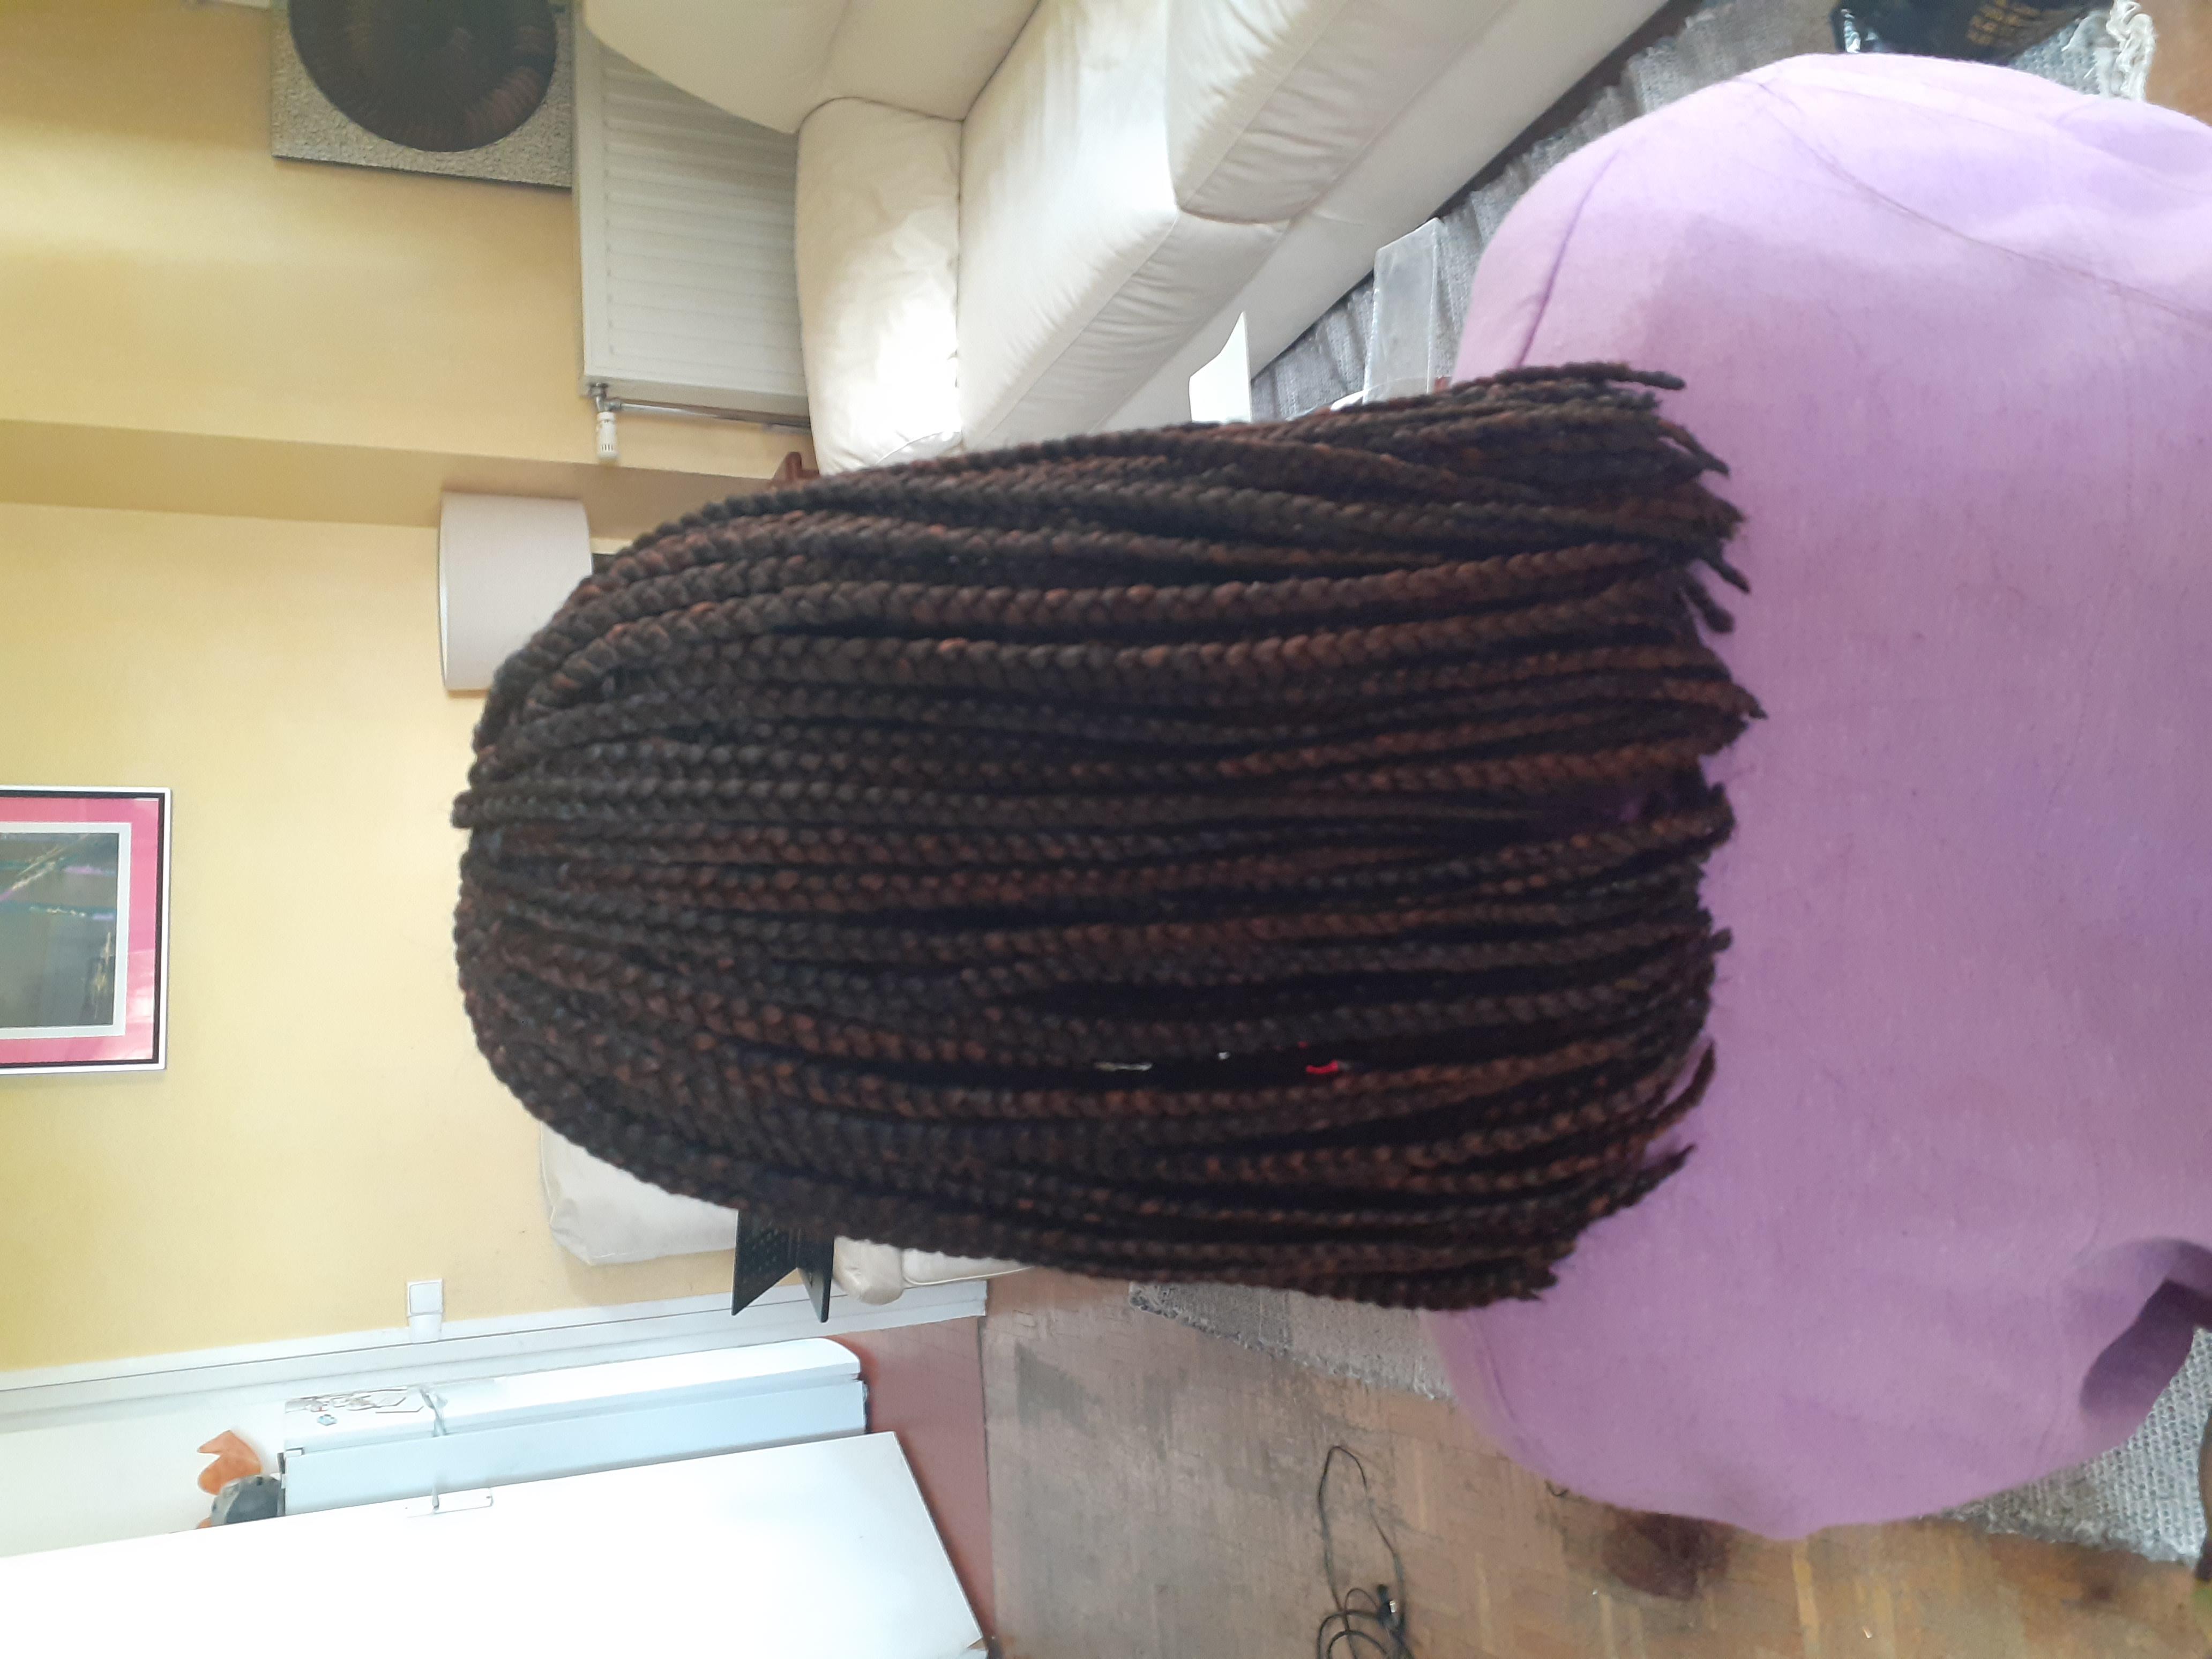 salon de coiffure afro tresse tresses box braids crochet braids vanilles tissages paris 75 77 78 91 92 93 94 95 CADIKXQL